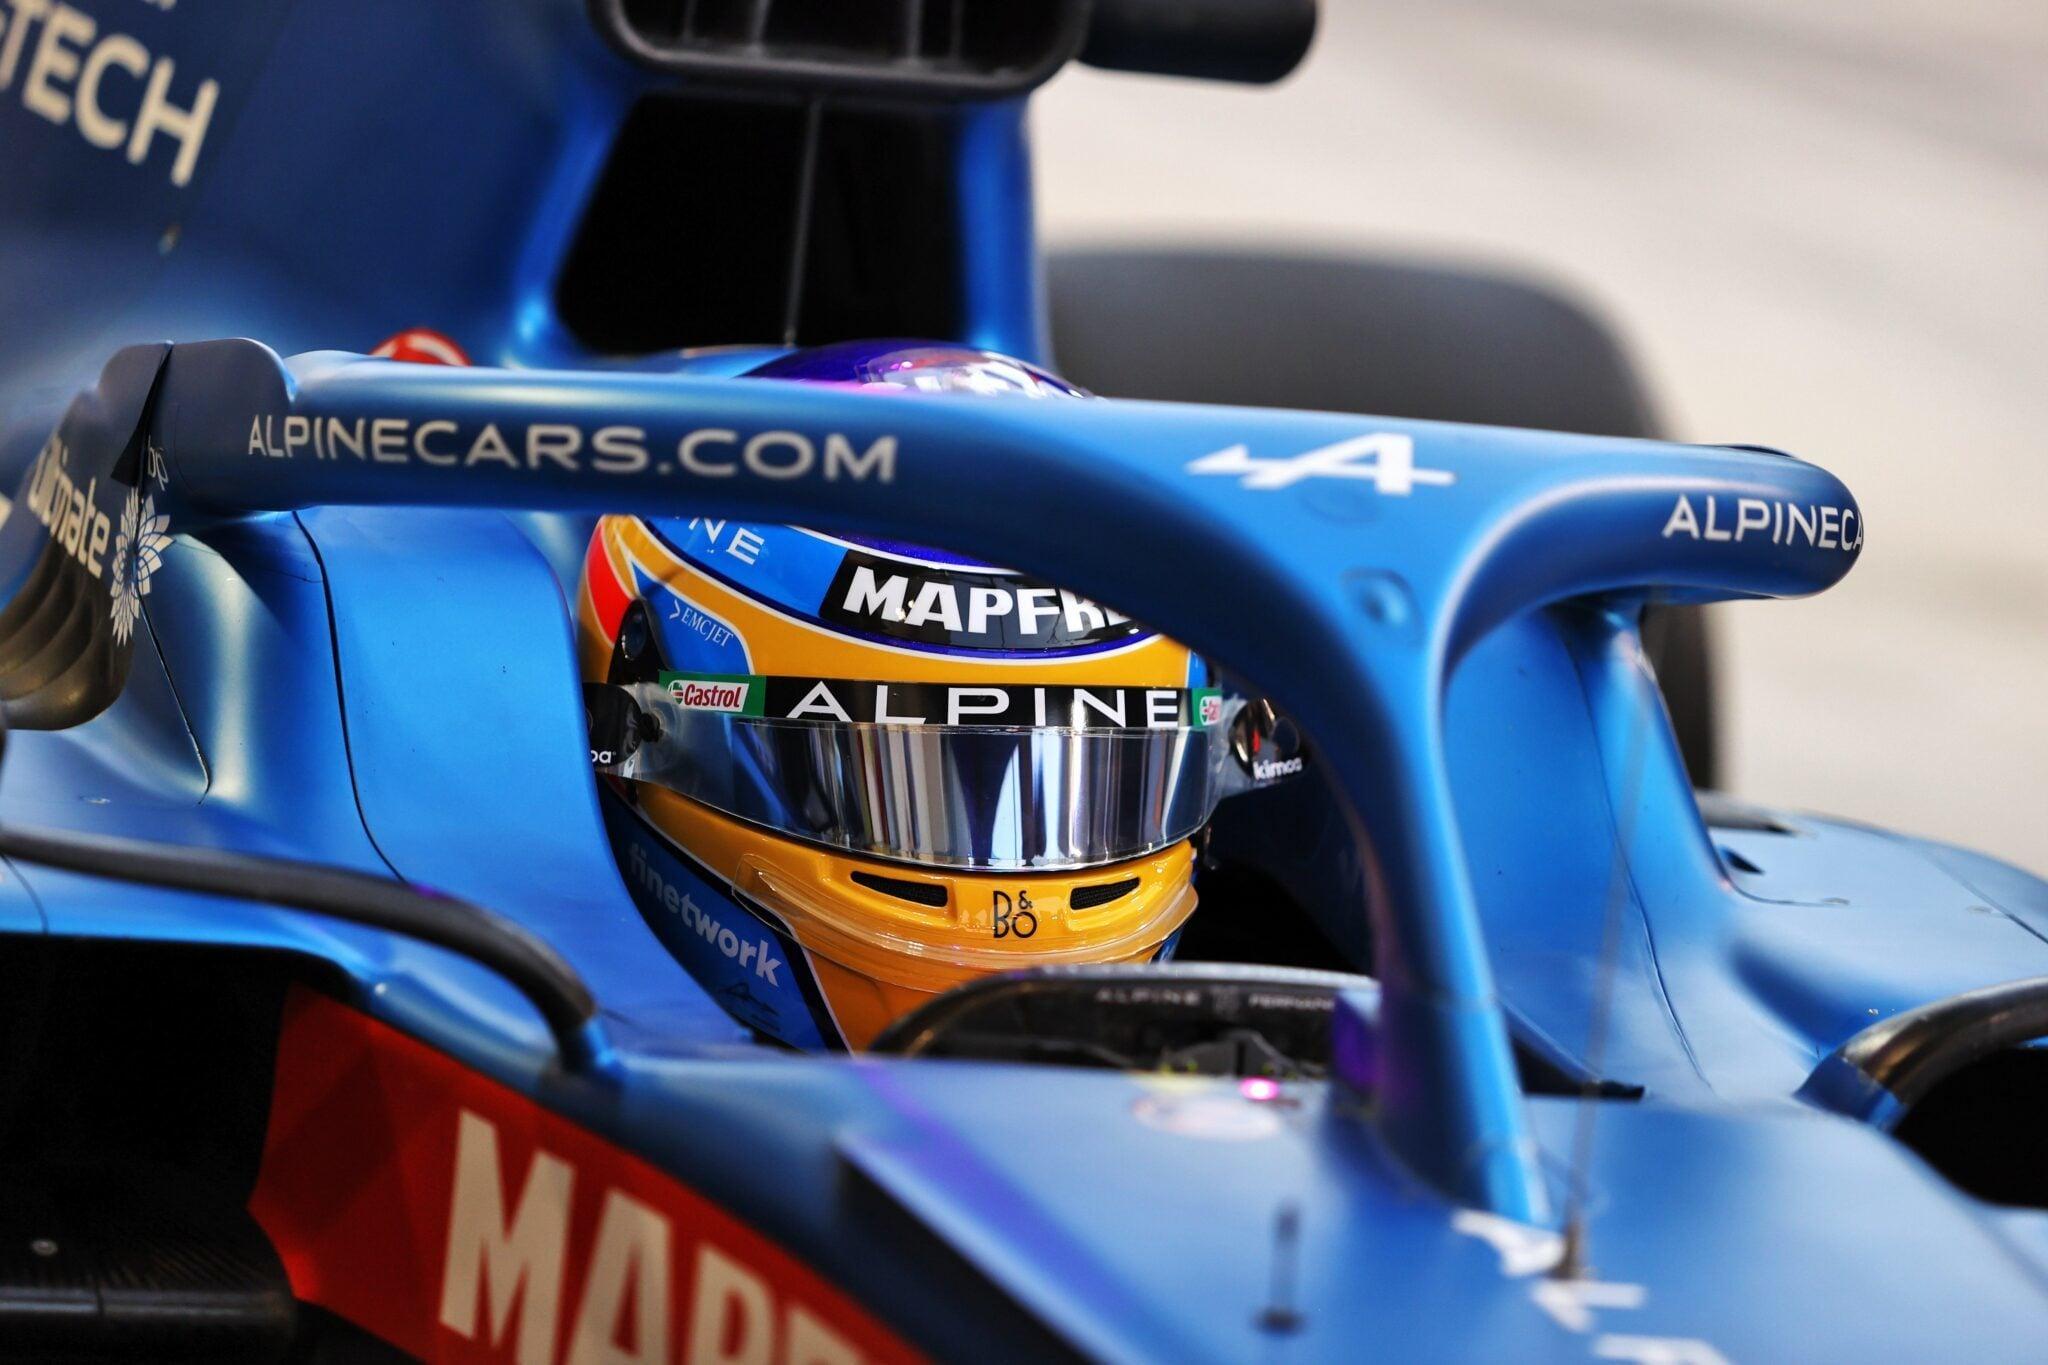 Alpine F1 Team A521 Bahrein test 2 Fernando Alonso 4   Alonso poursuit les essais à Bahreïn pour Alpine F1 Team